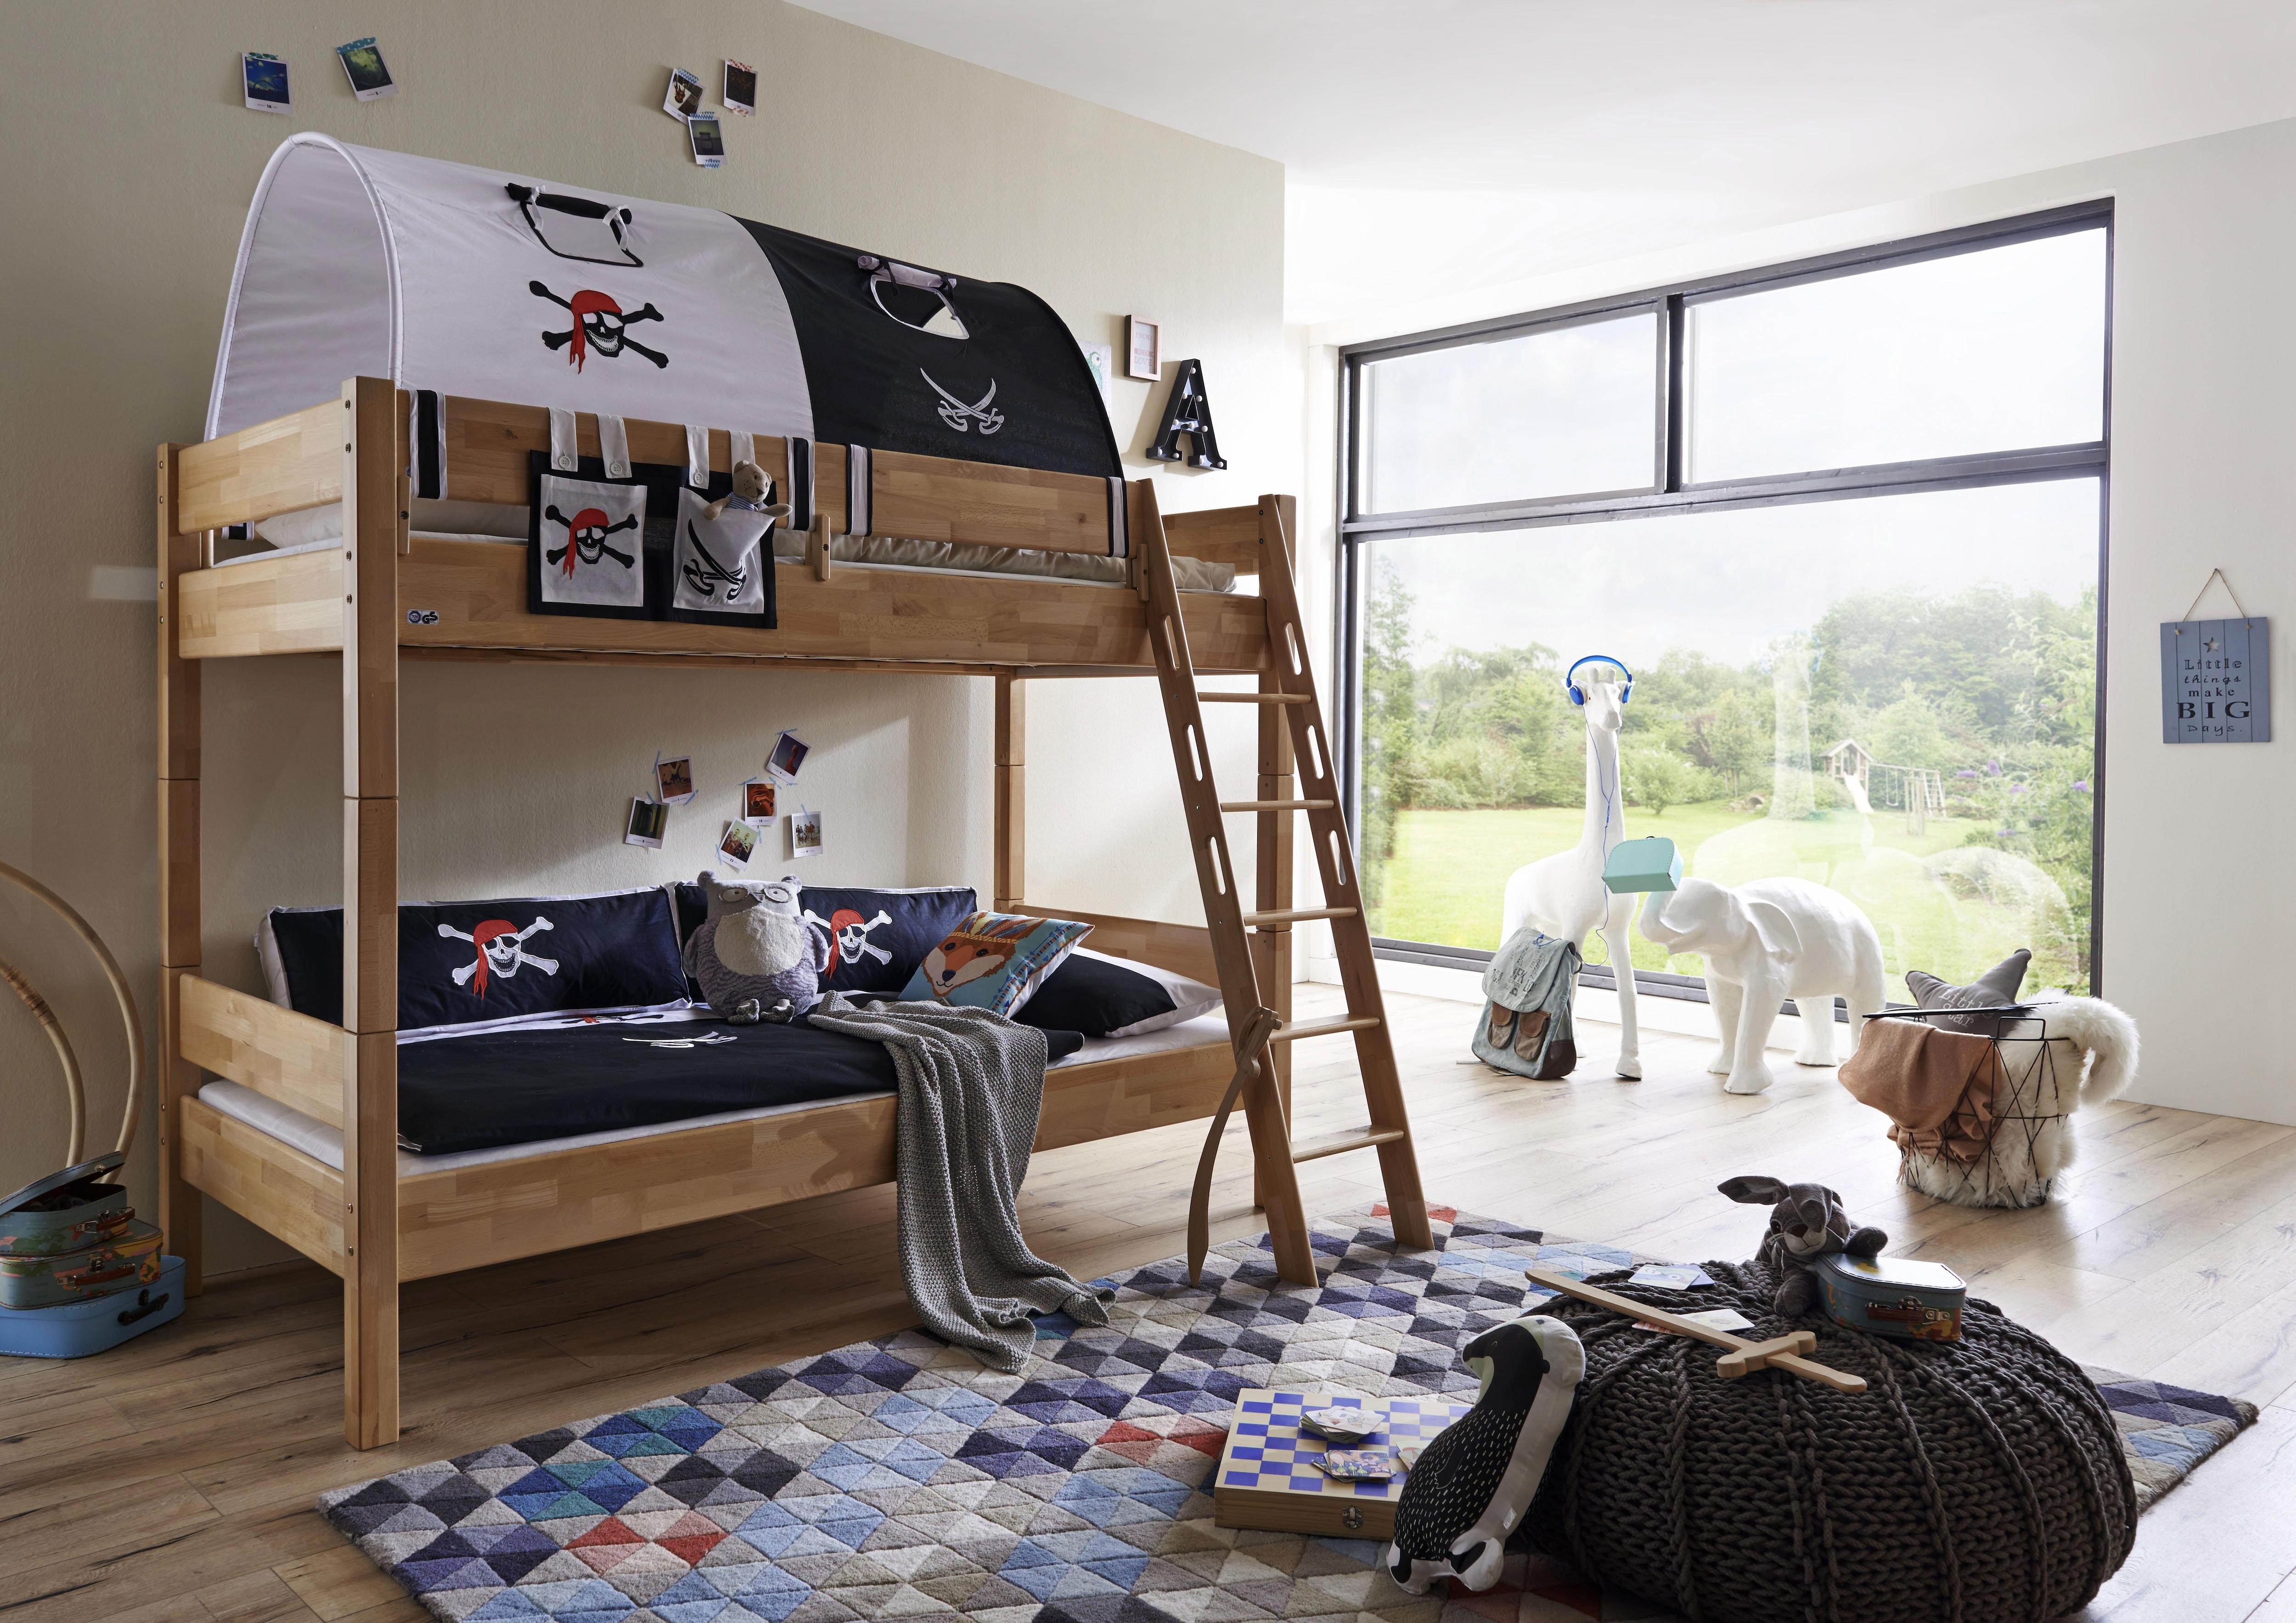 Etagenbett Umbaubar In 2 Einzelbetten : Bunt etagenbetten online kaufen möbel suchmaschine ladendirekt.de